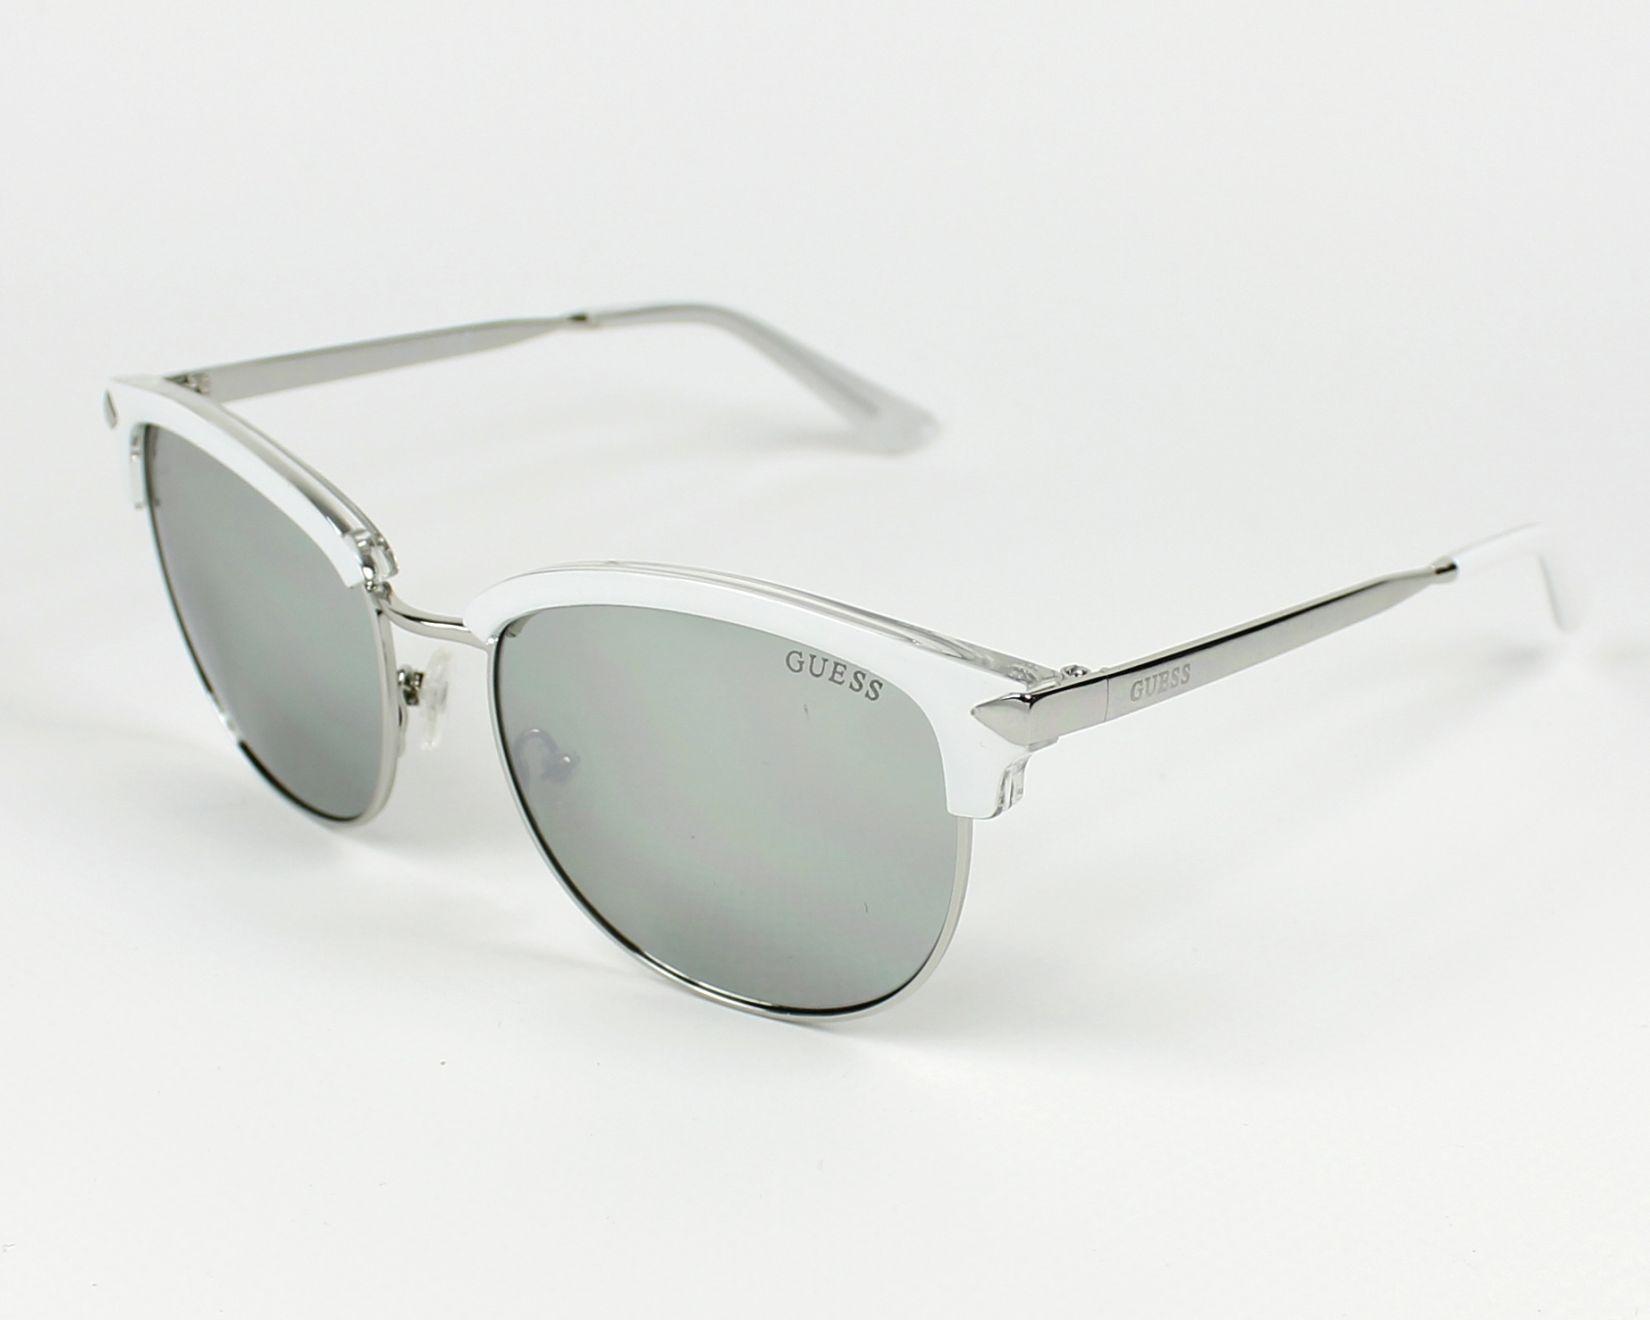 e4980979c94 Sunglasses Guess GU-7482-S 21C - White Silver profile view